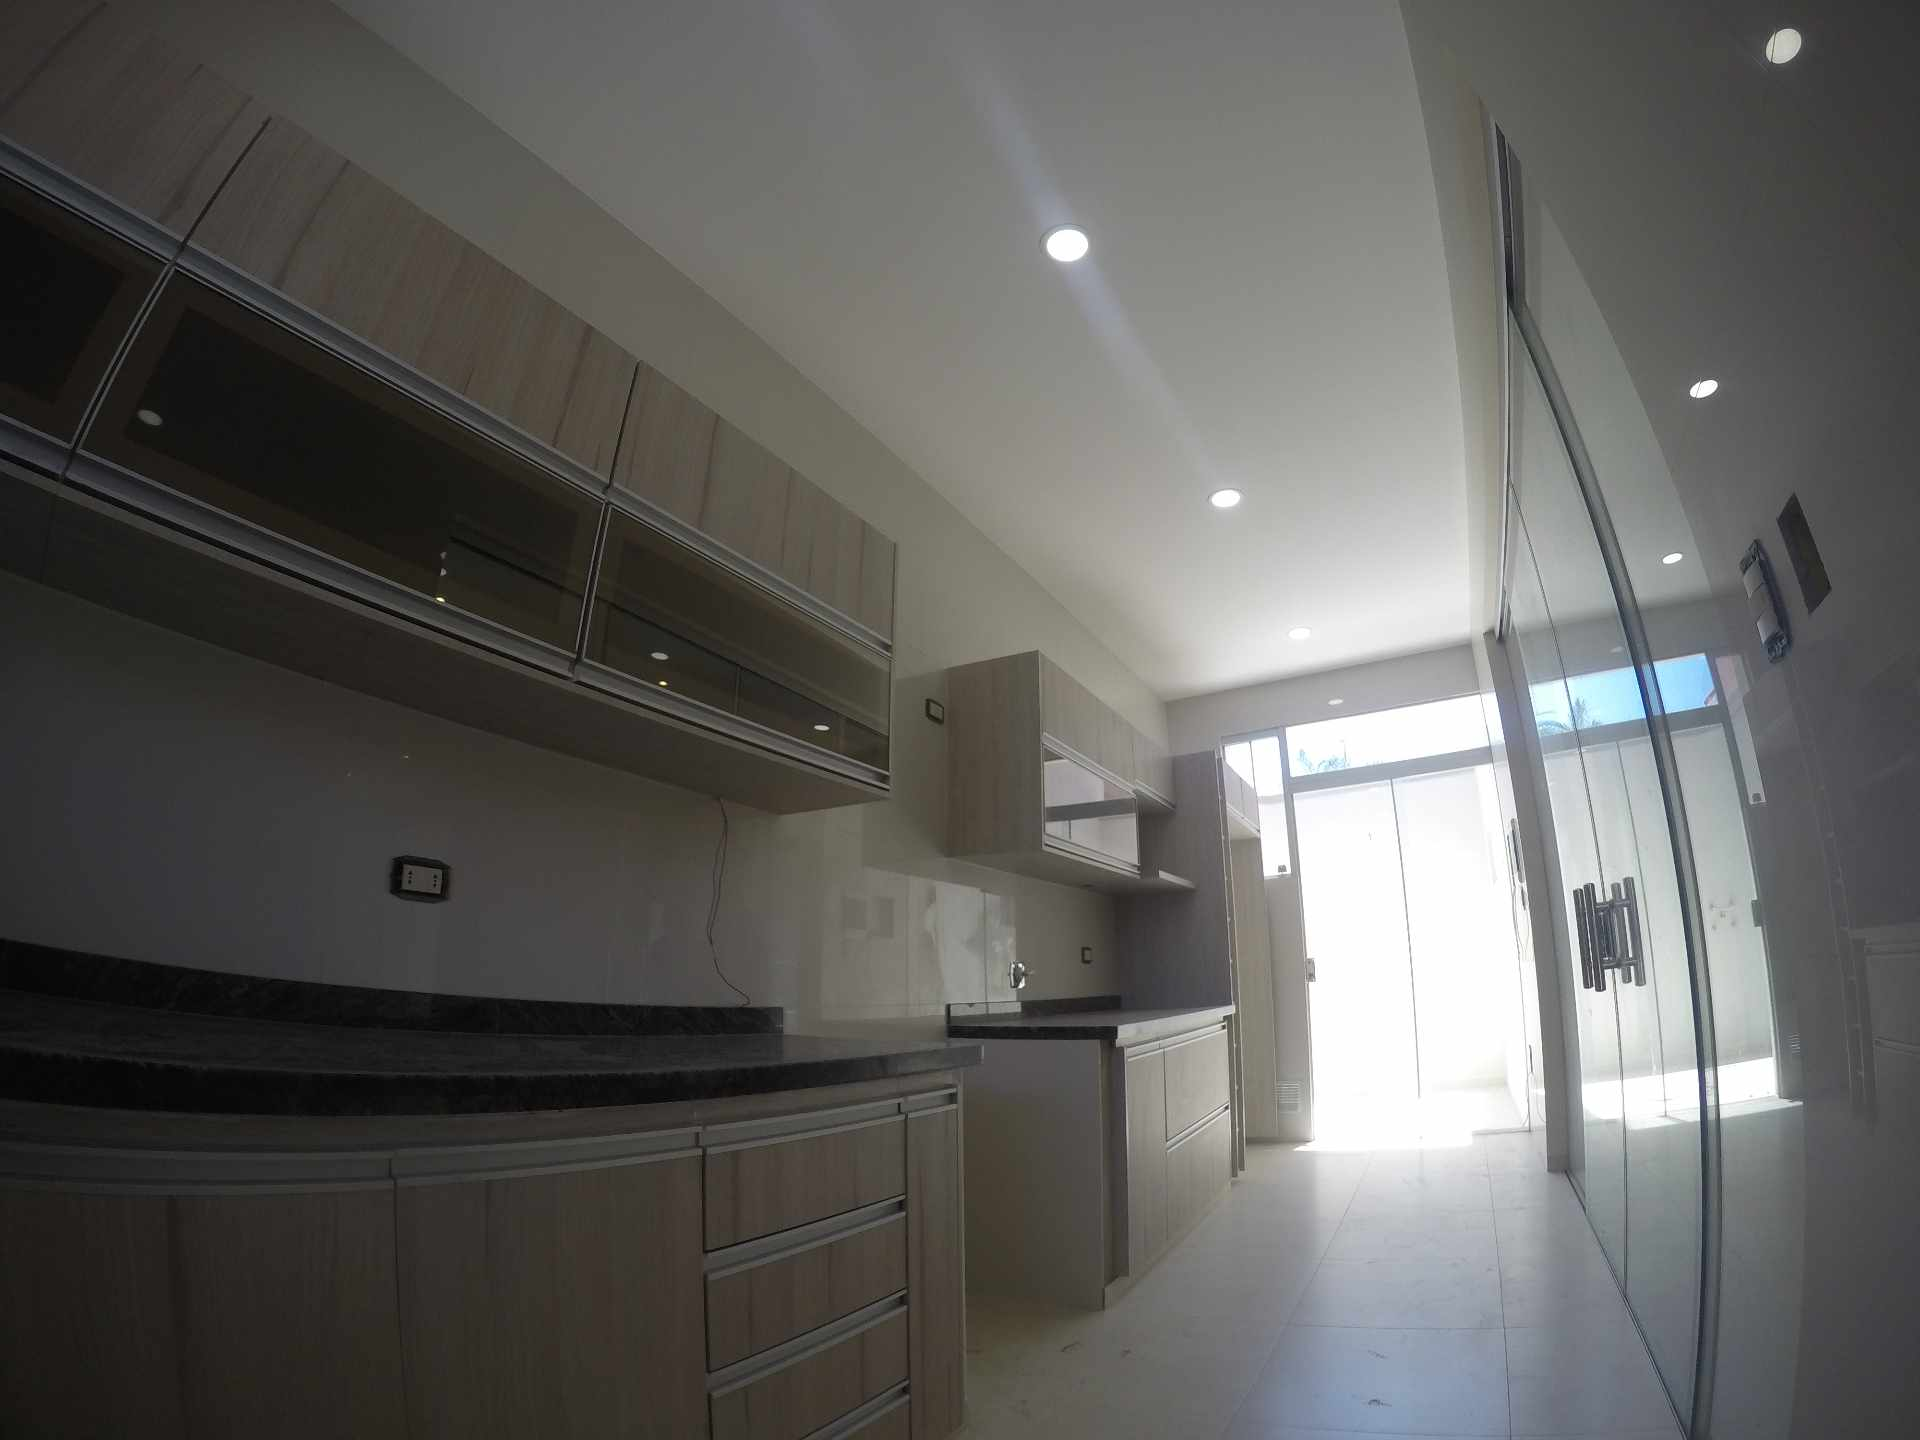 Casa en Alquiler Casa independiente en alquiler a estrenar, próximo a Parque Los Mangales II [Av. Beni y 4to. Anillo], De 3 plantas, 3 dormitorios (2 en suite), con dependencias. [1000$us.] Foto 14